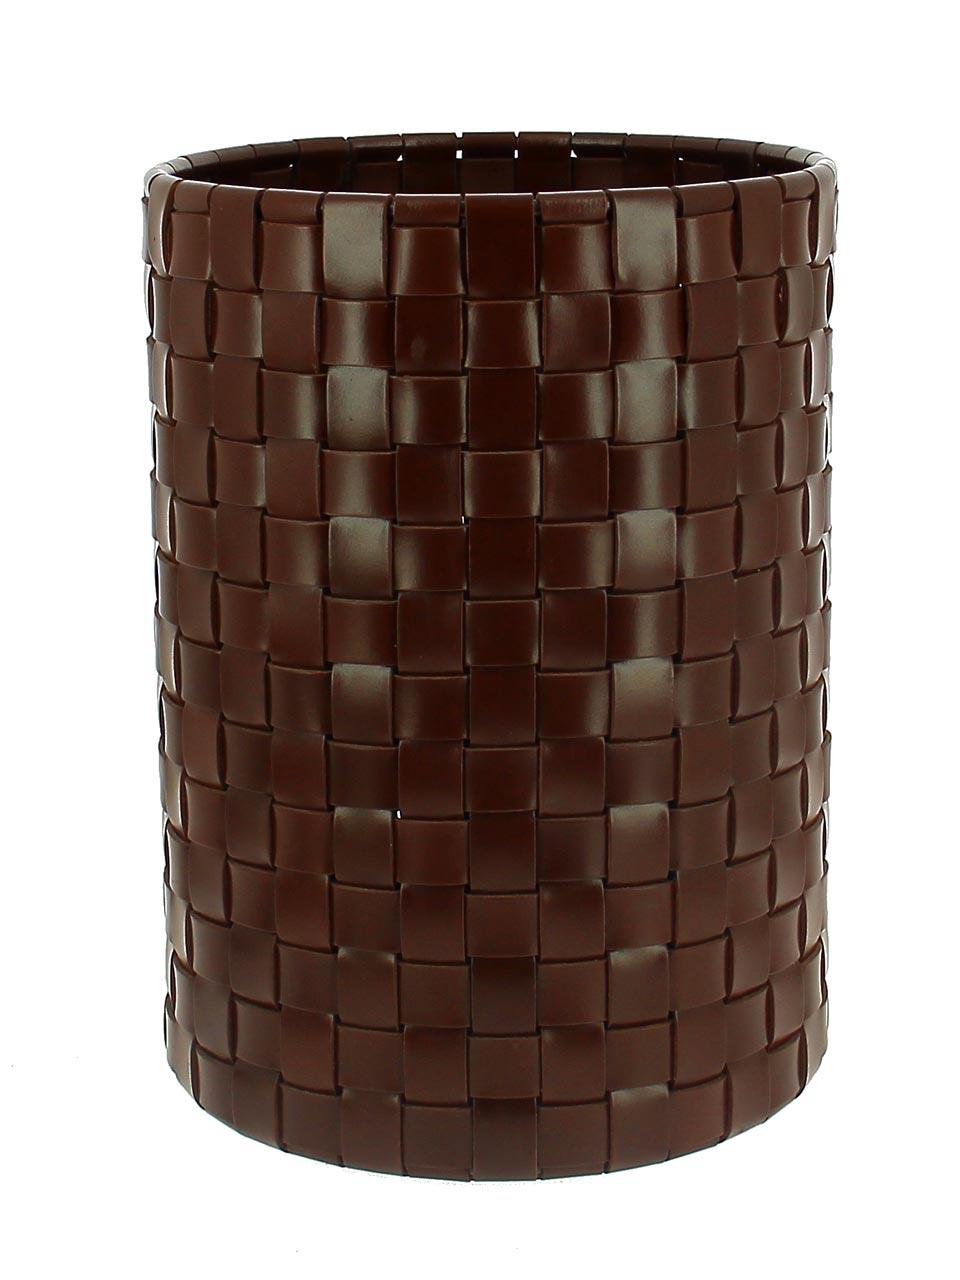 collection Seiton propose corbeille à papier et paniers de rangement en cuir recyclé tressé